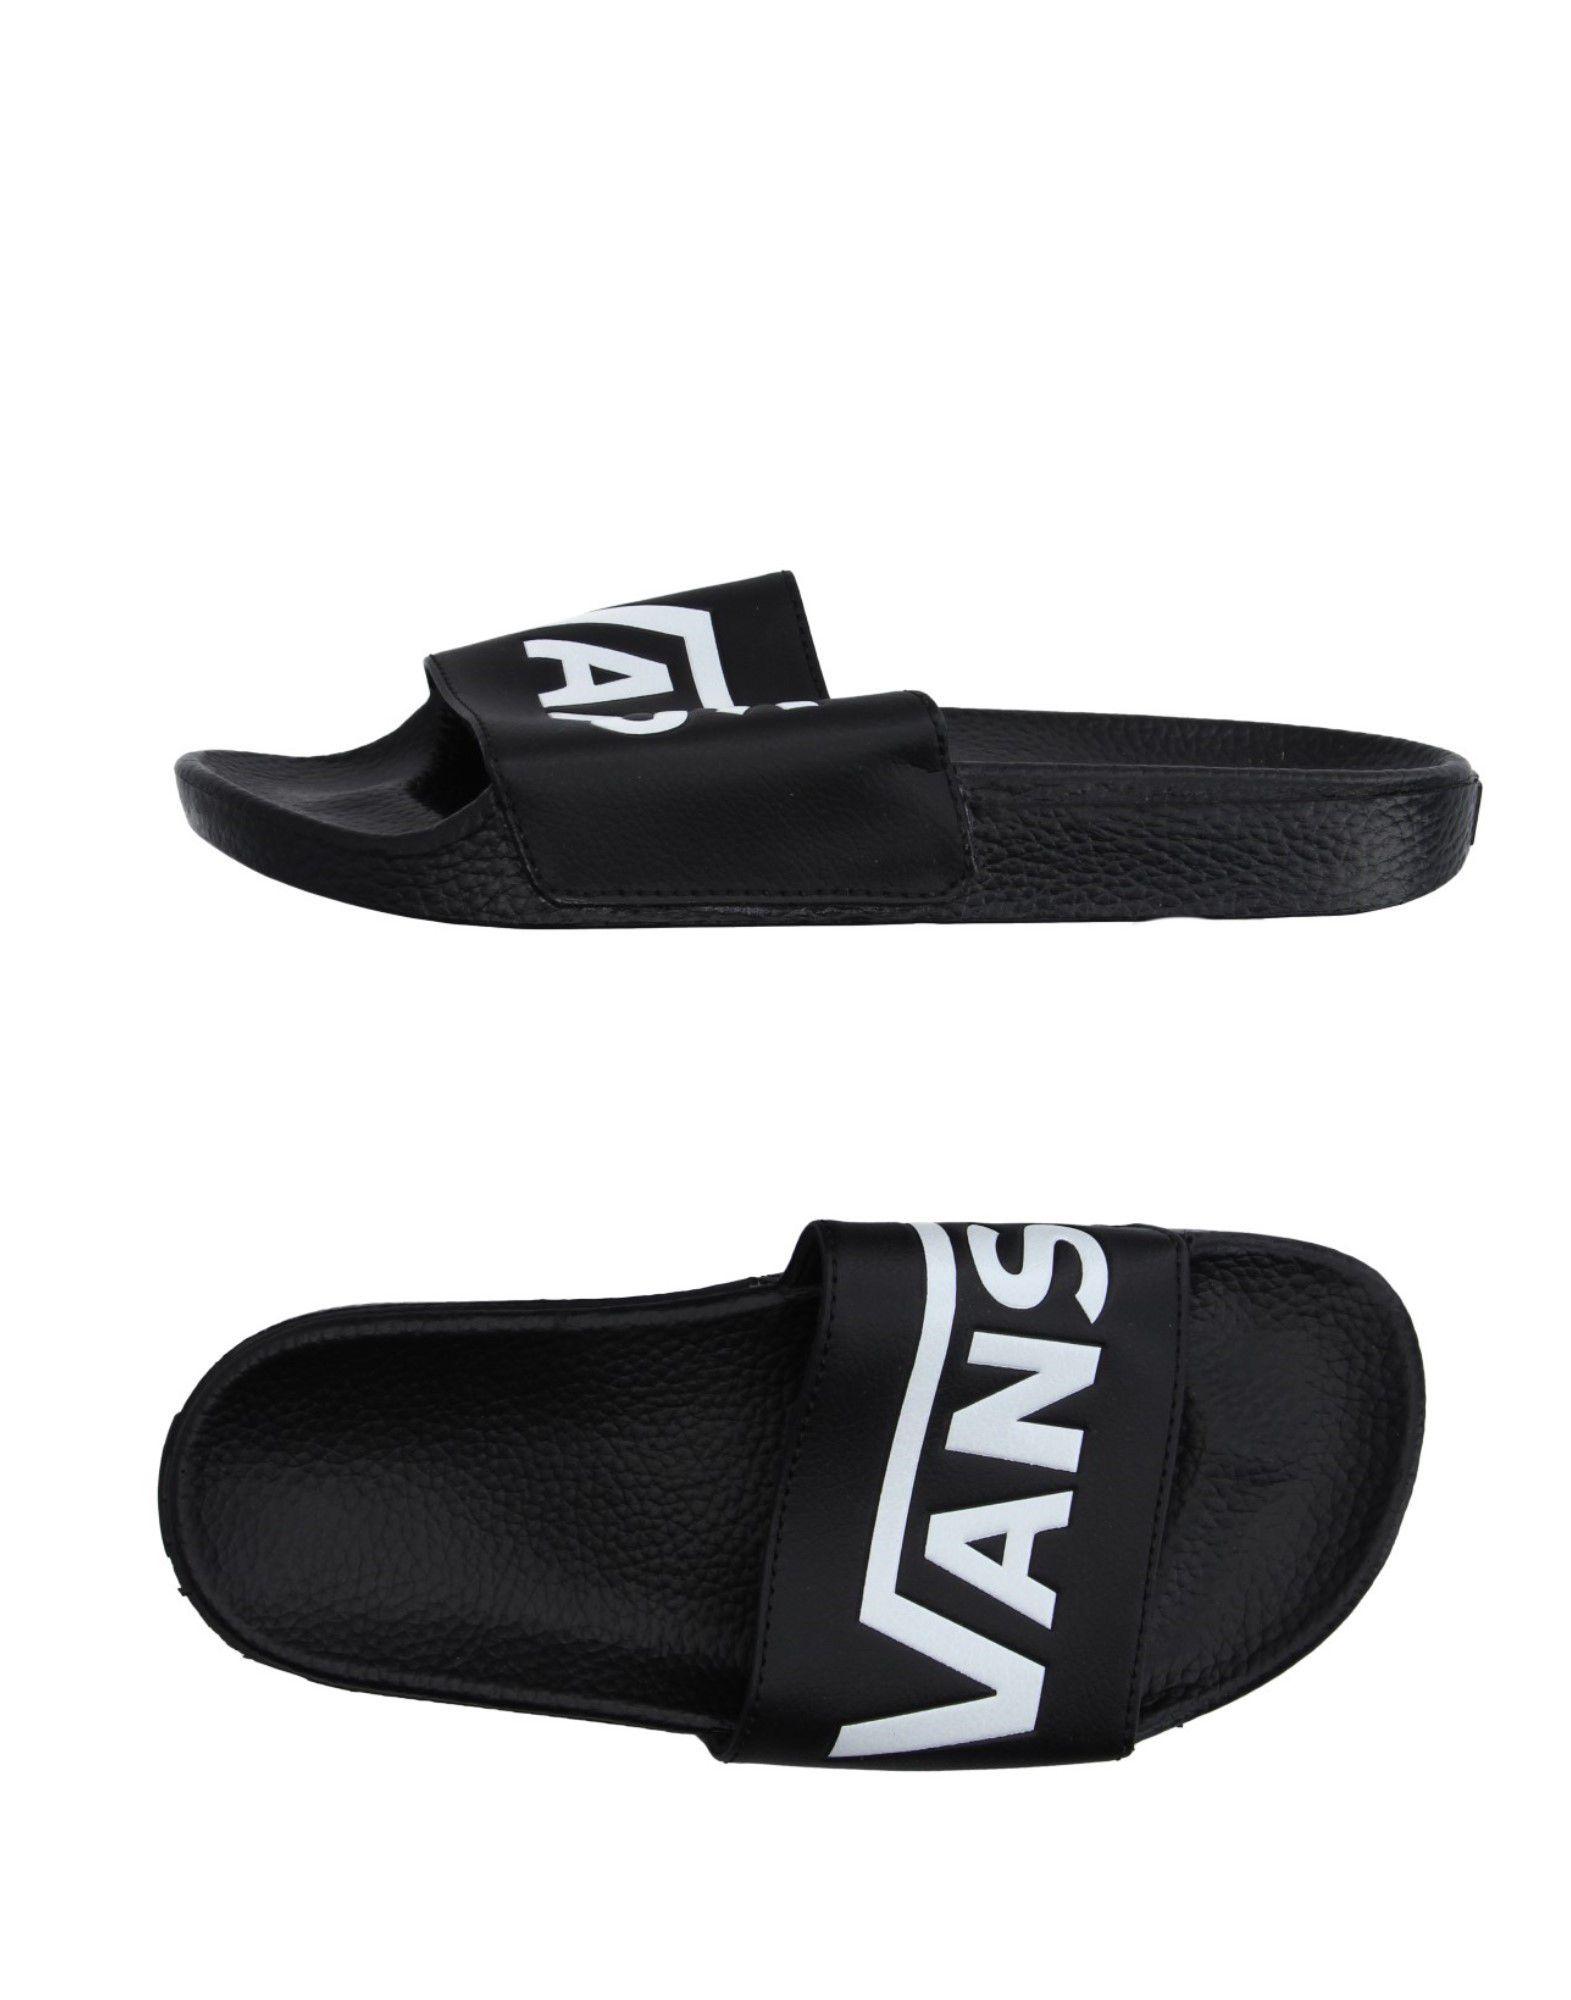 《送料無料》VANS レディース サンダル ブラック 5 紡績繊維